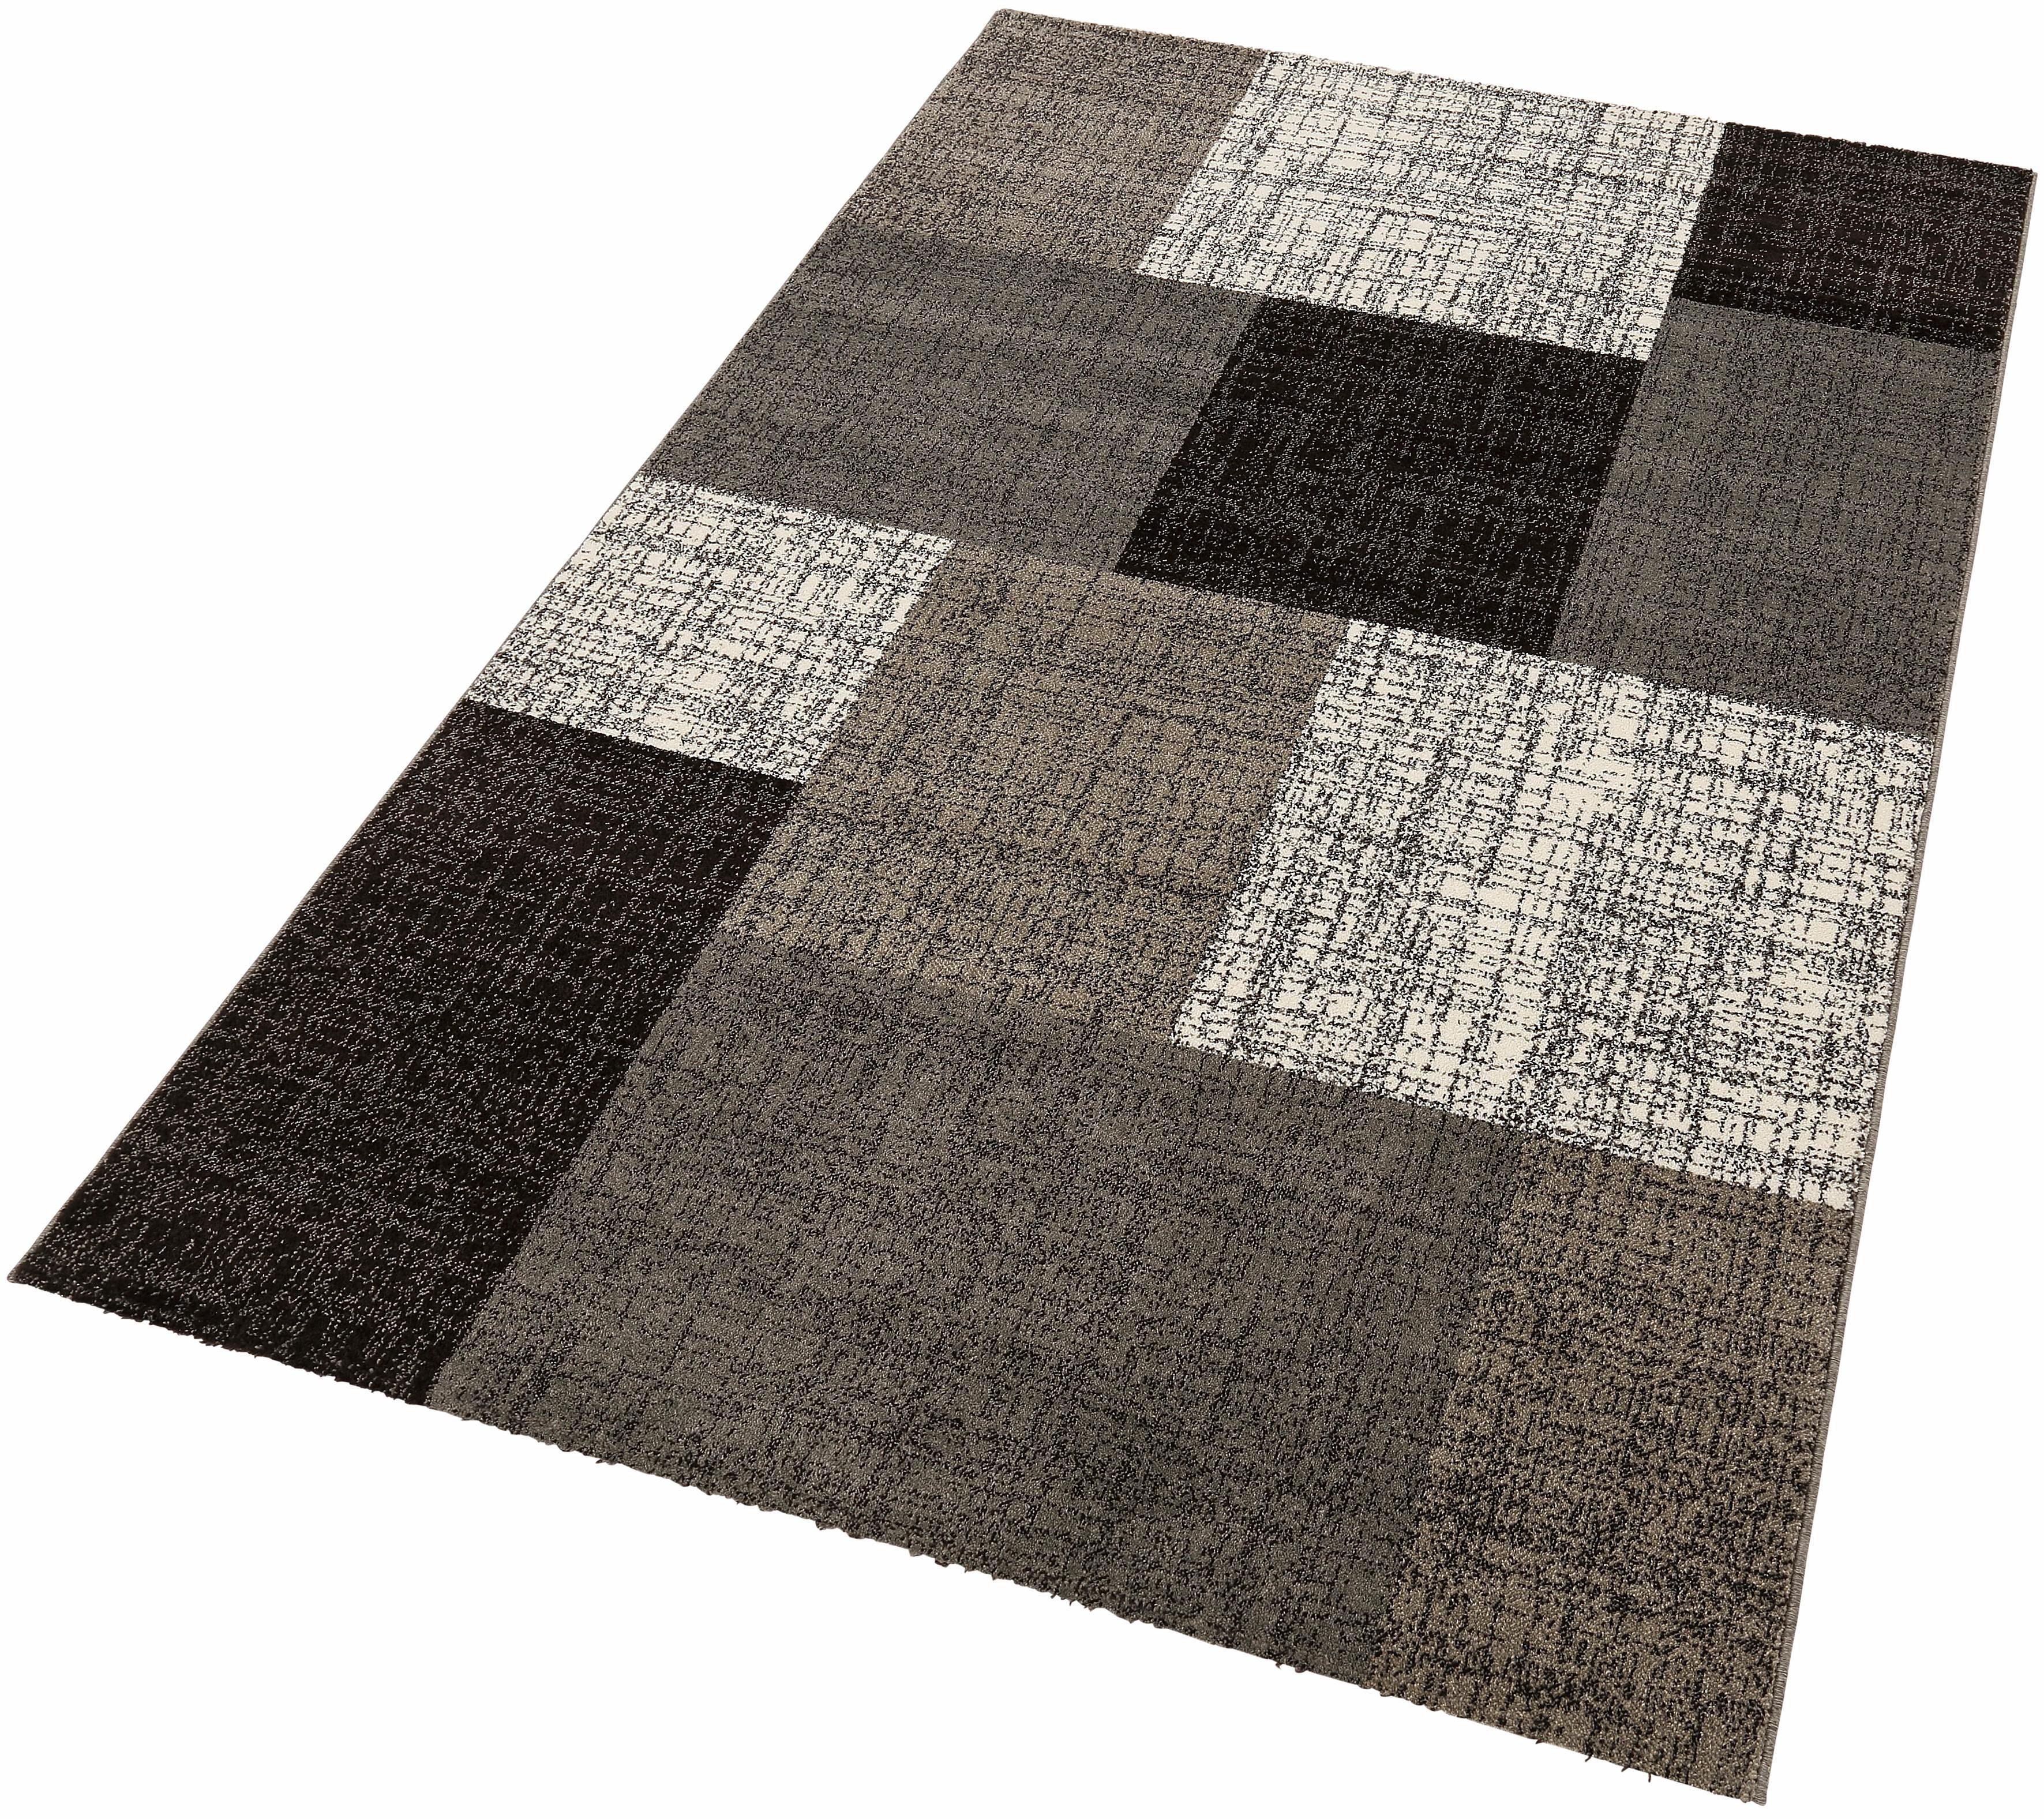 Teppich Modern 105 LALEE rechteckig Höhe 11 mm maschinell gewebt